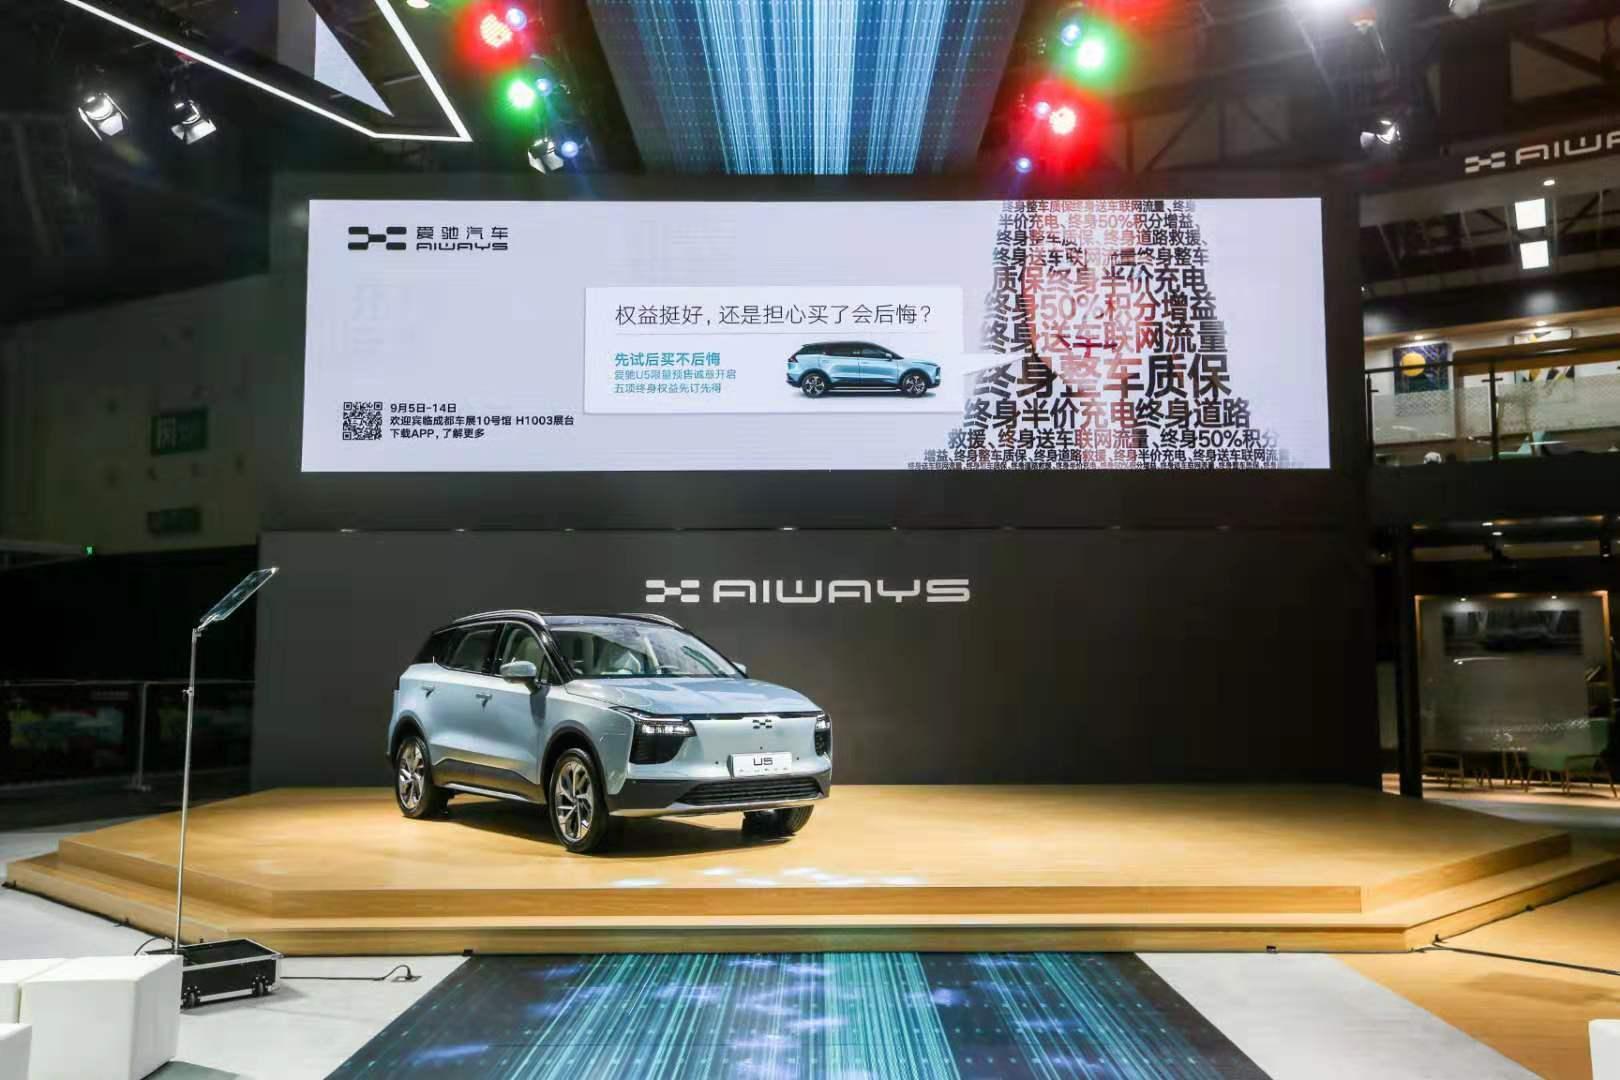 爱驰U5成都车展发布预售补贴后19.79万元-30.21万元